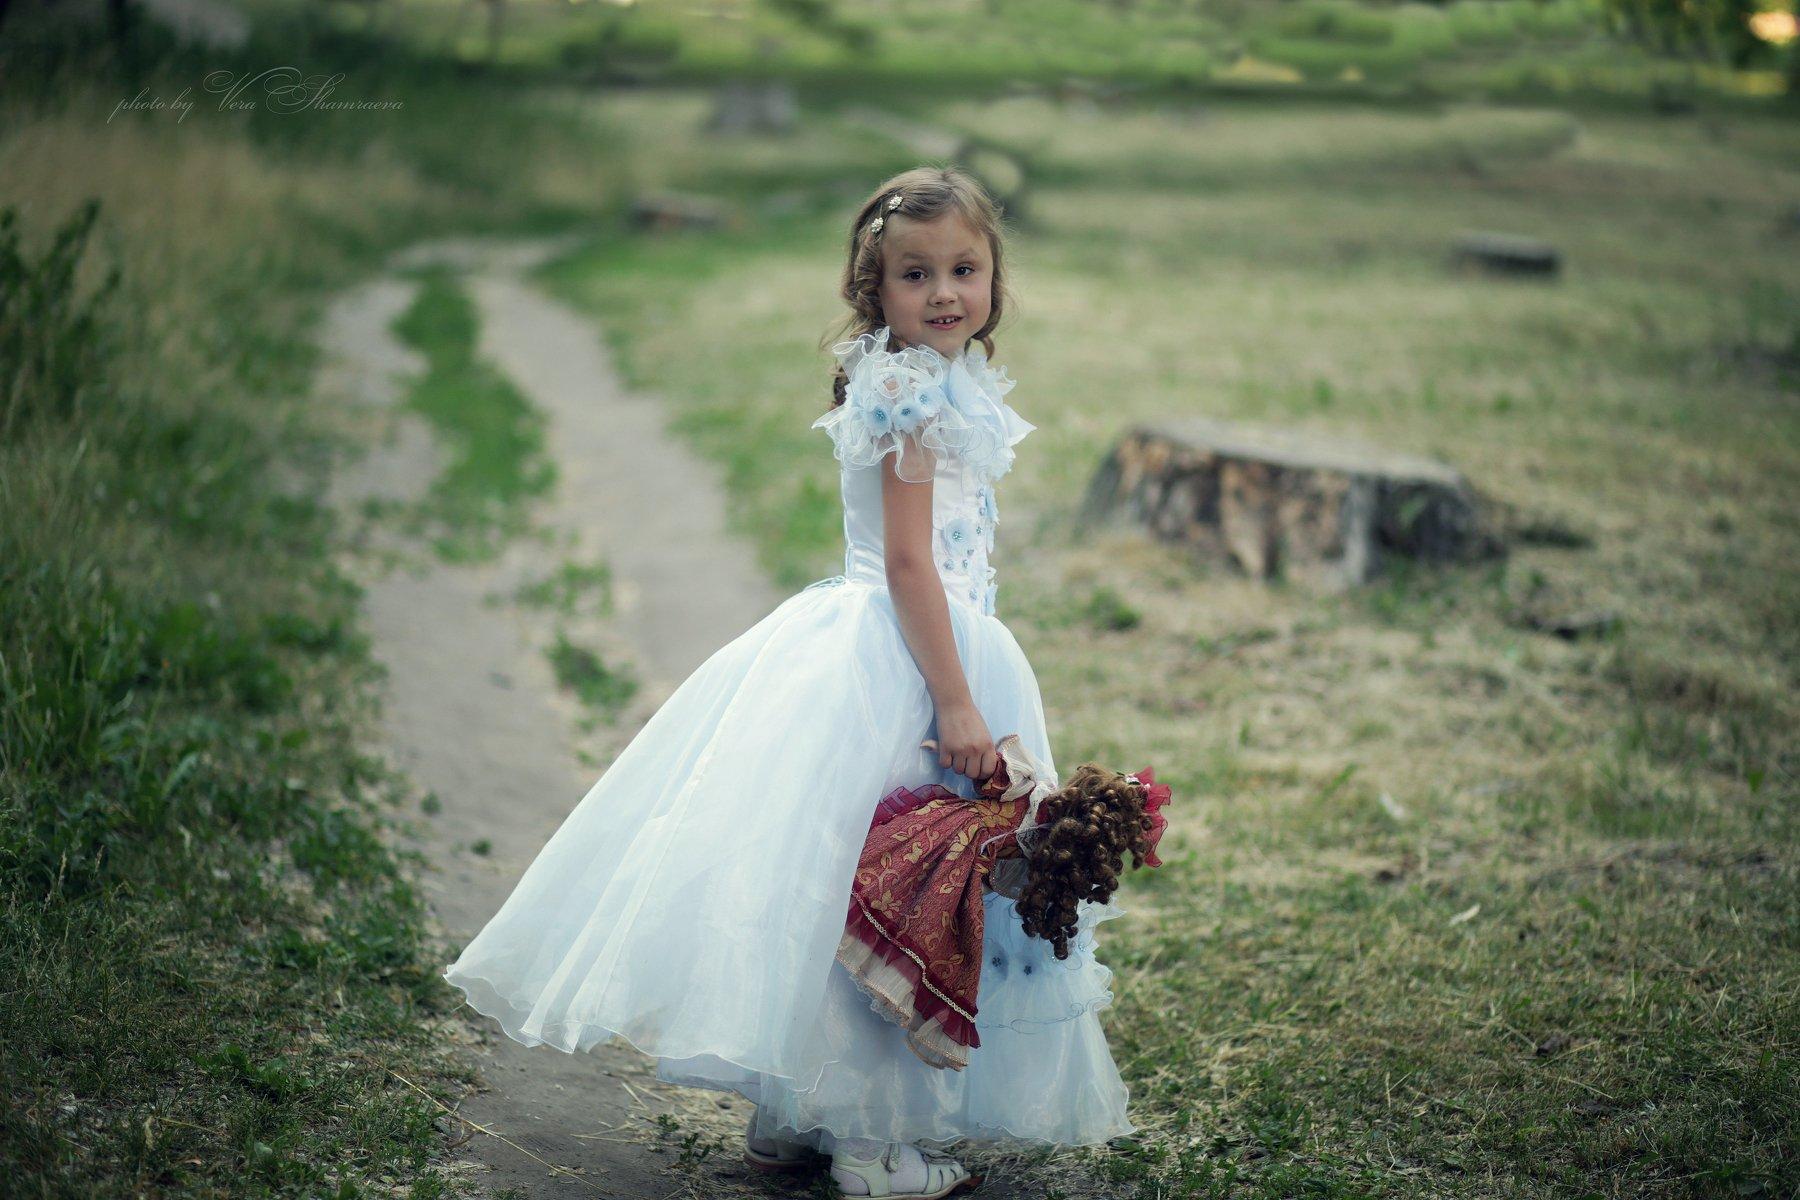 девочка с куклой лето улыбка ребенка фотограф вера шамраева, Вера Шамраева